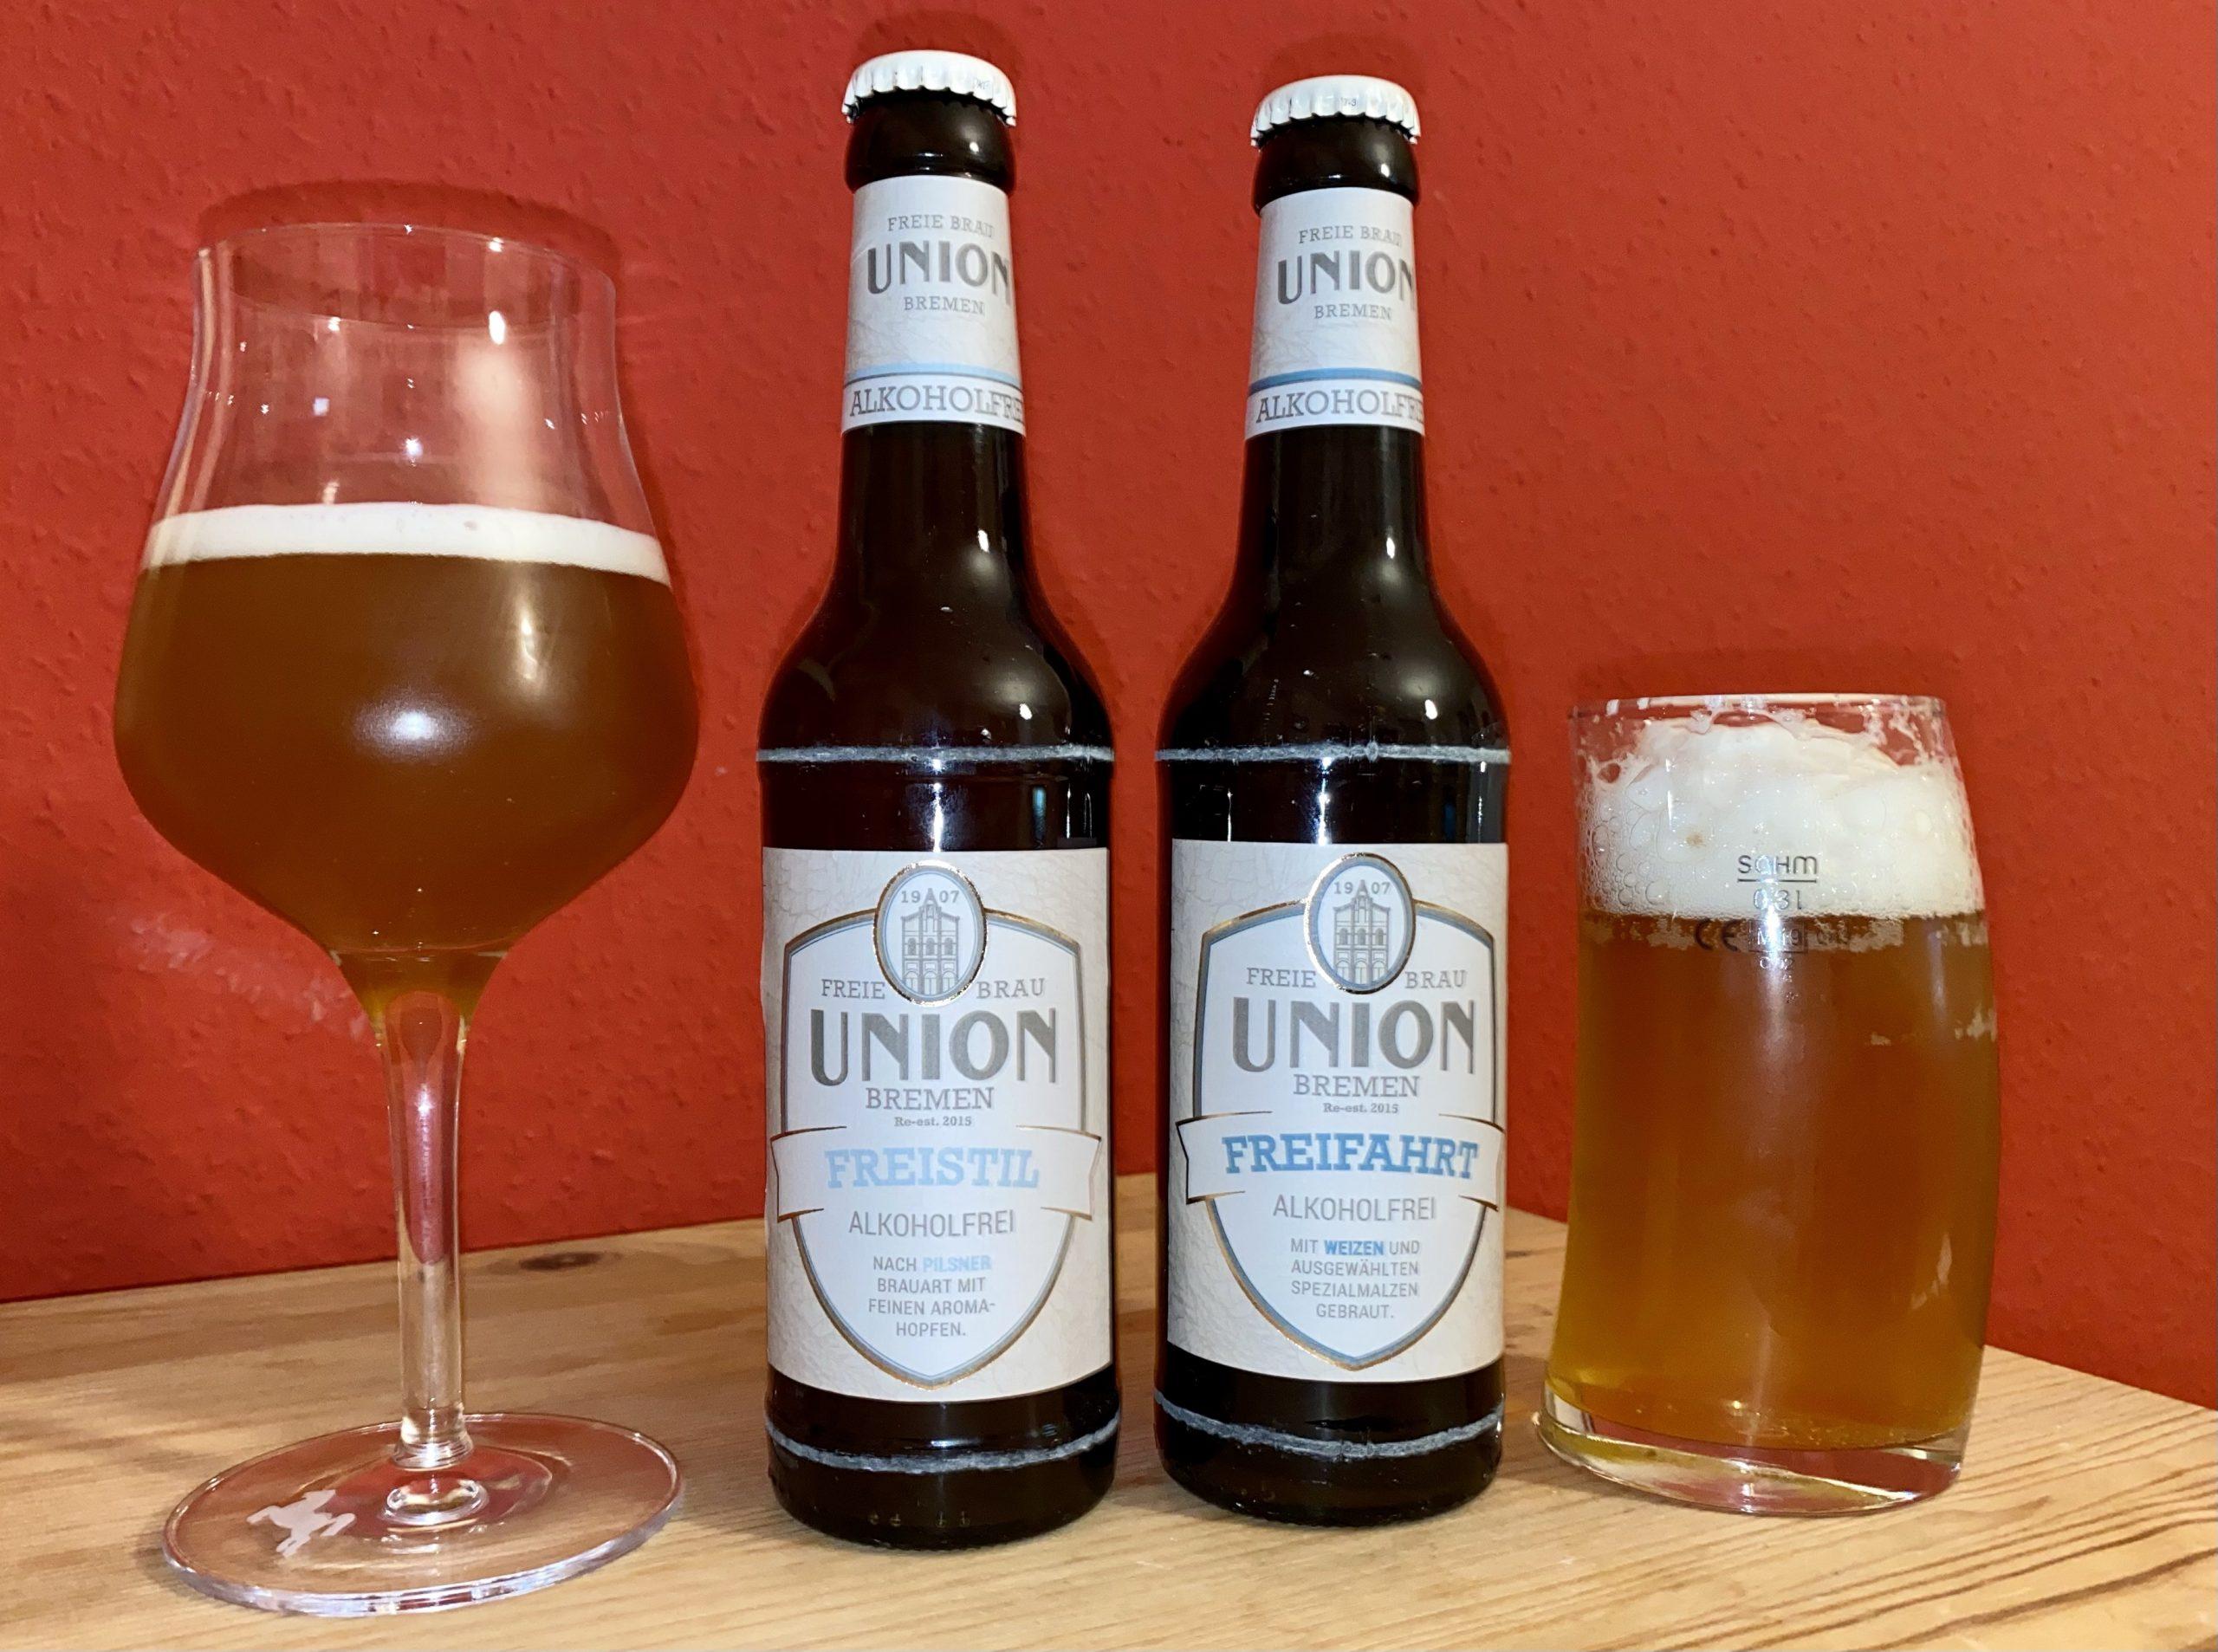 Bremer Union Freistil Freifahrt alkoholfrei Bierprediger